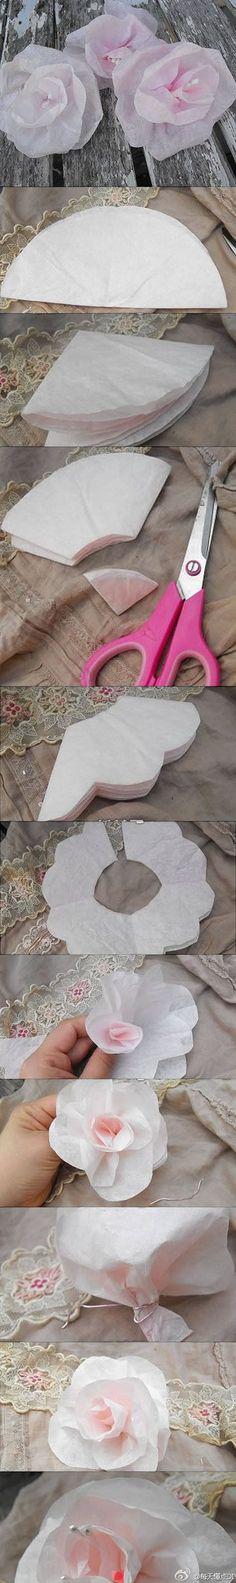 Flowers made out tissue paper DIY    Flores hechas de papel de seda para hacer uno mismo